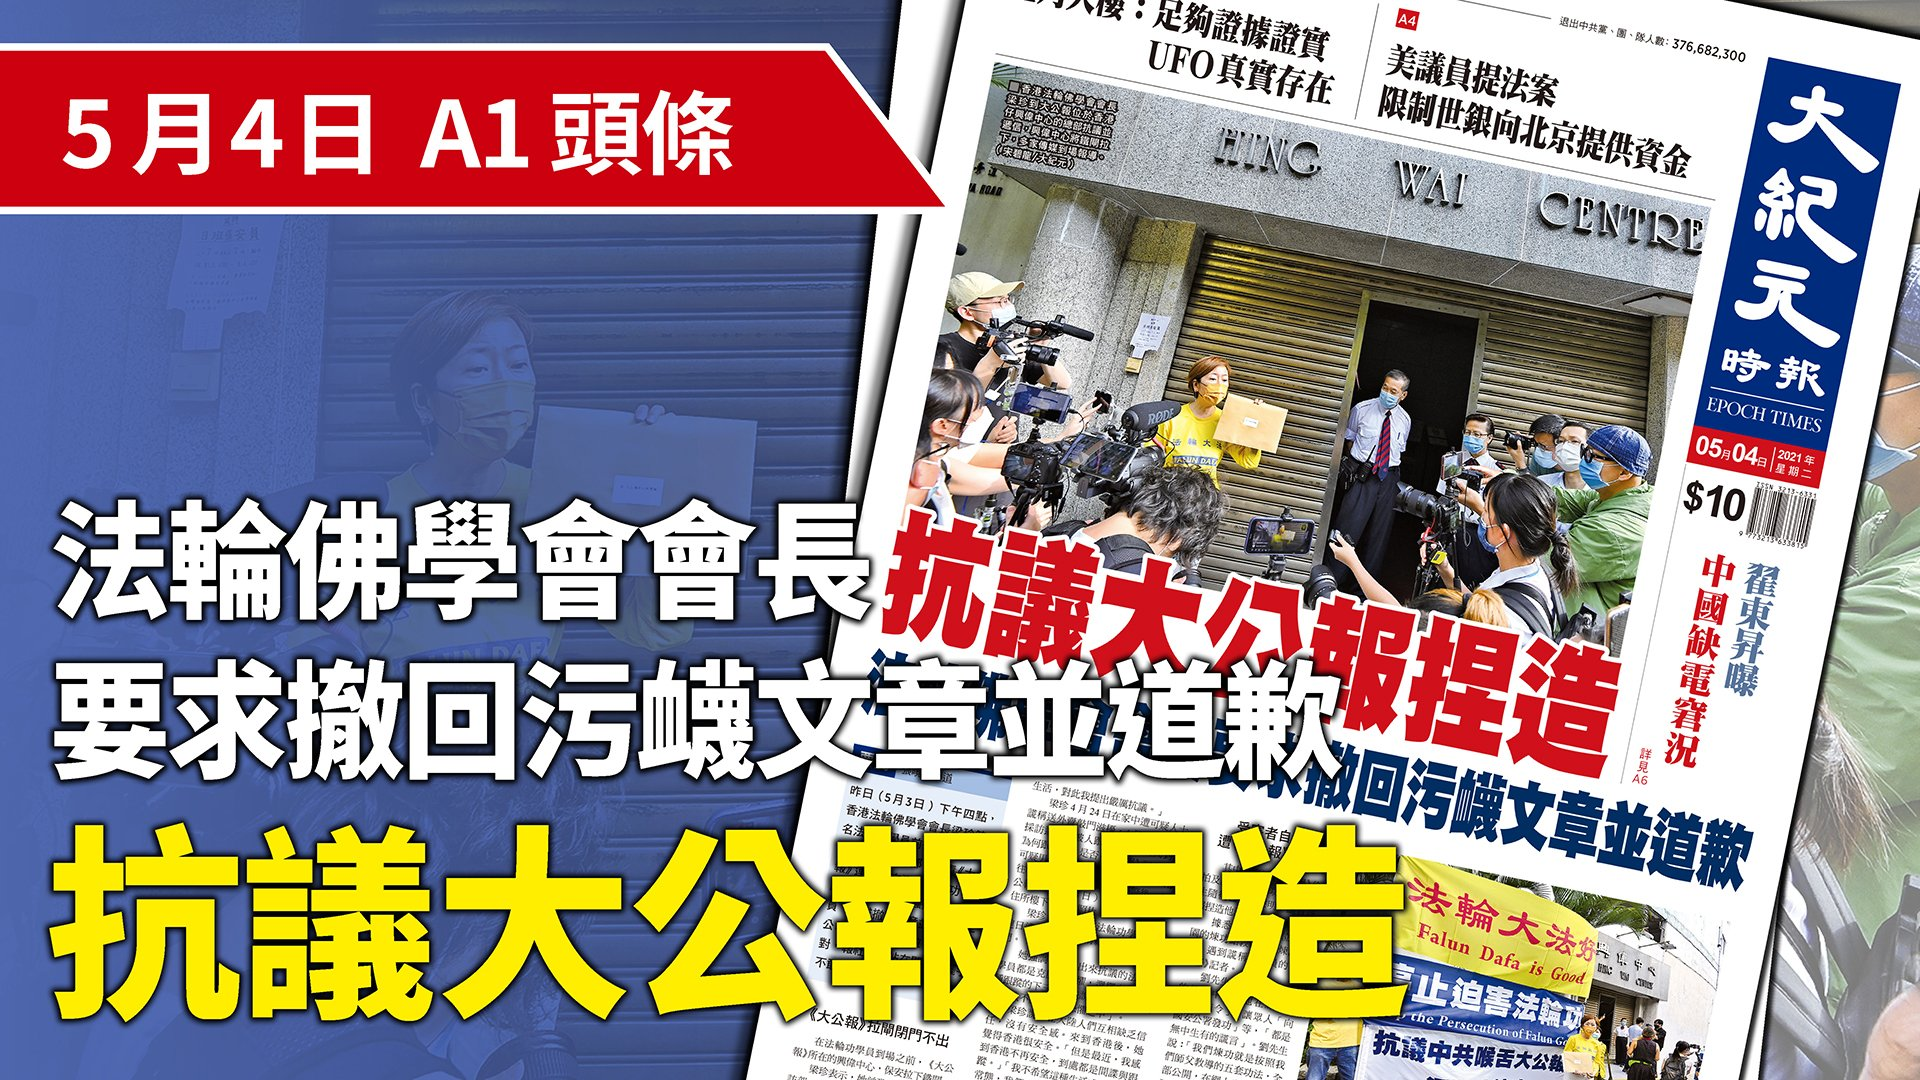 香港法輪佛學會會長梁珍到《大公報》位於香港仔興偉中心的總部抗議並遞信,興偉中心將鐵閘拉下,多家傳媒到場報道。(宋碧龍/大紀元)